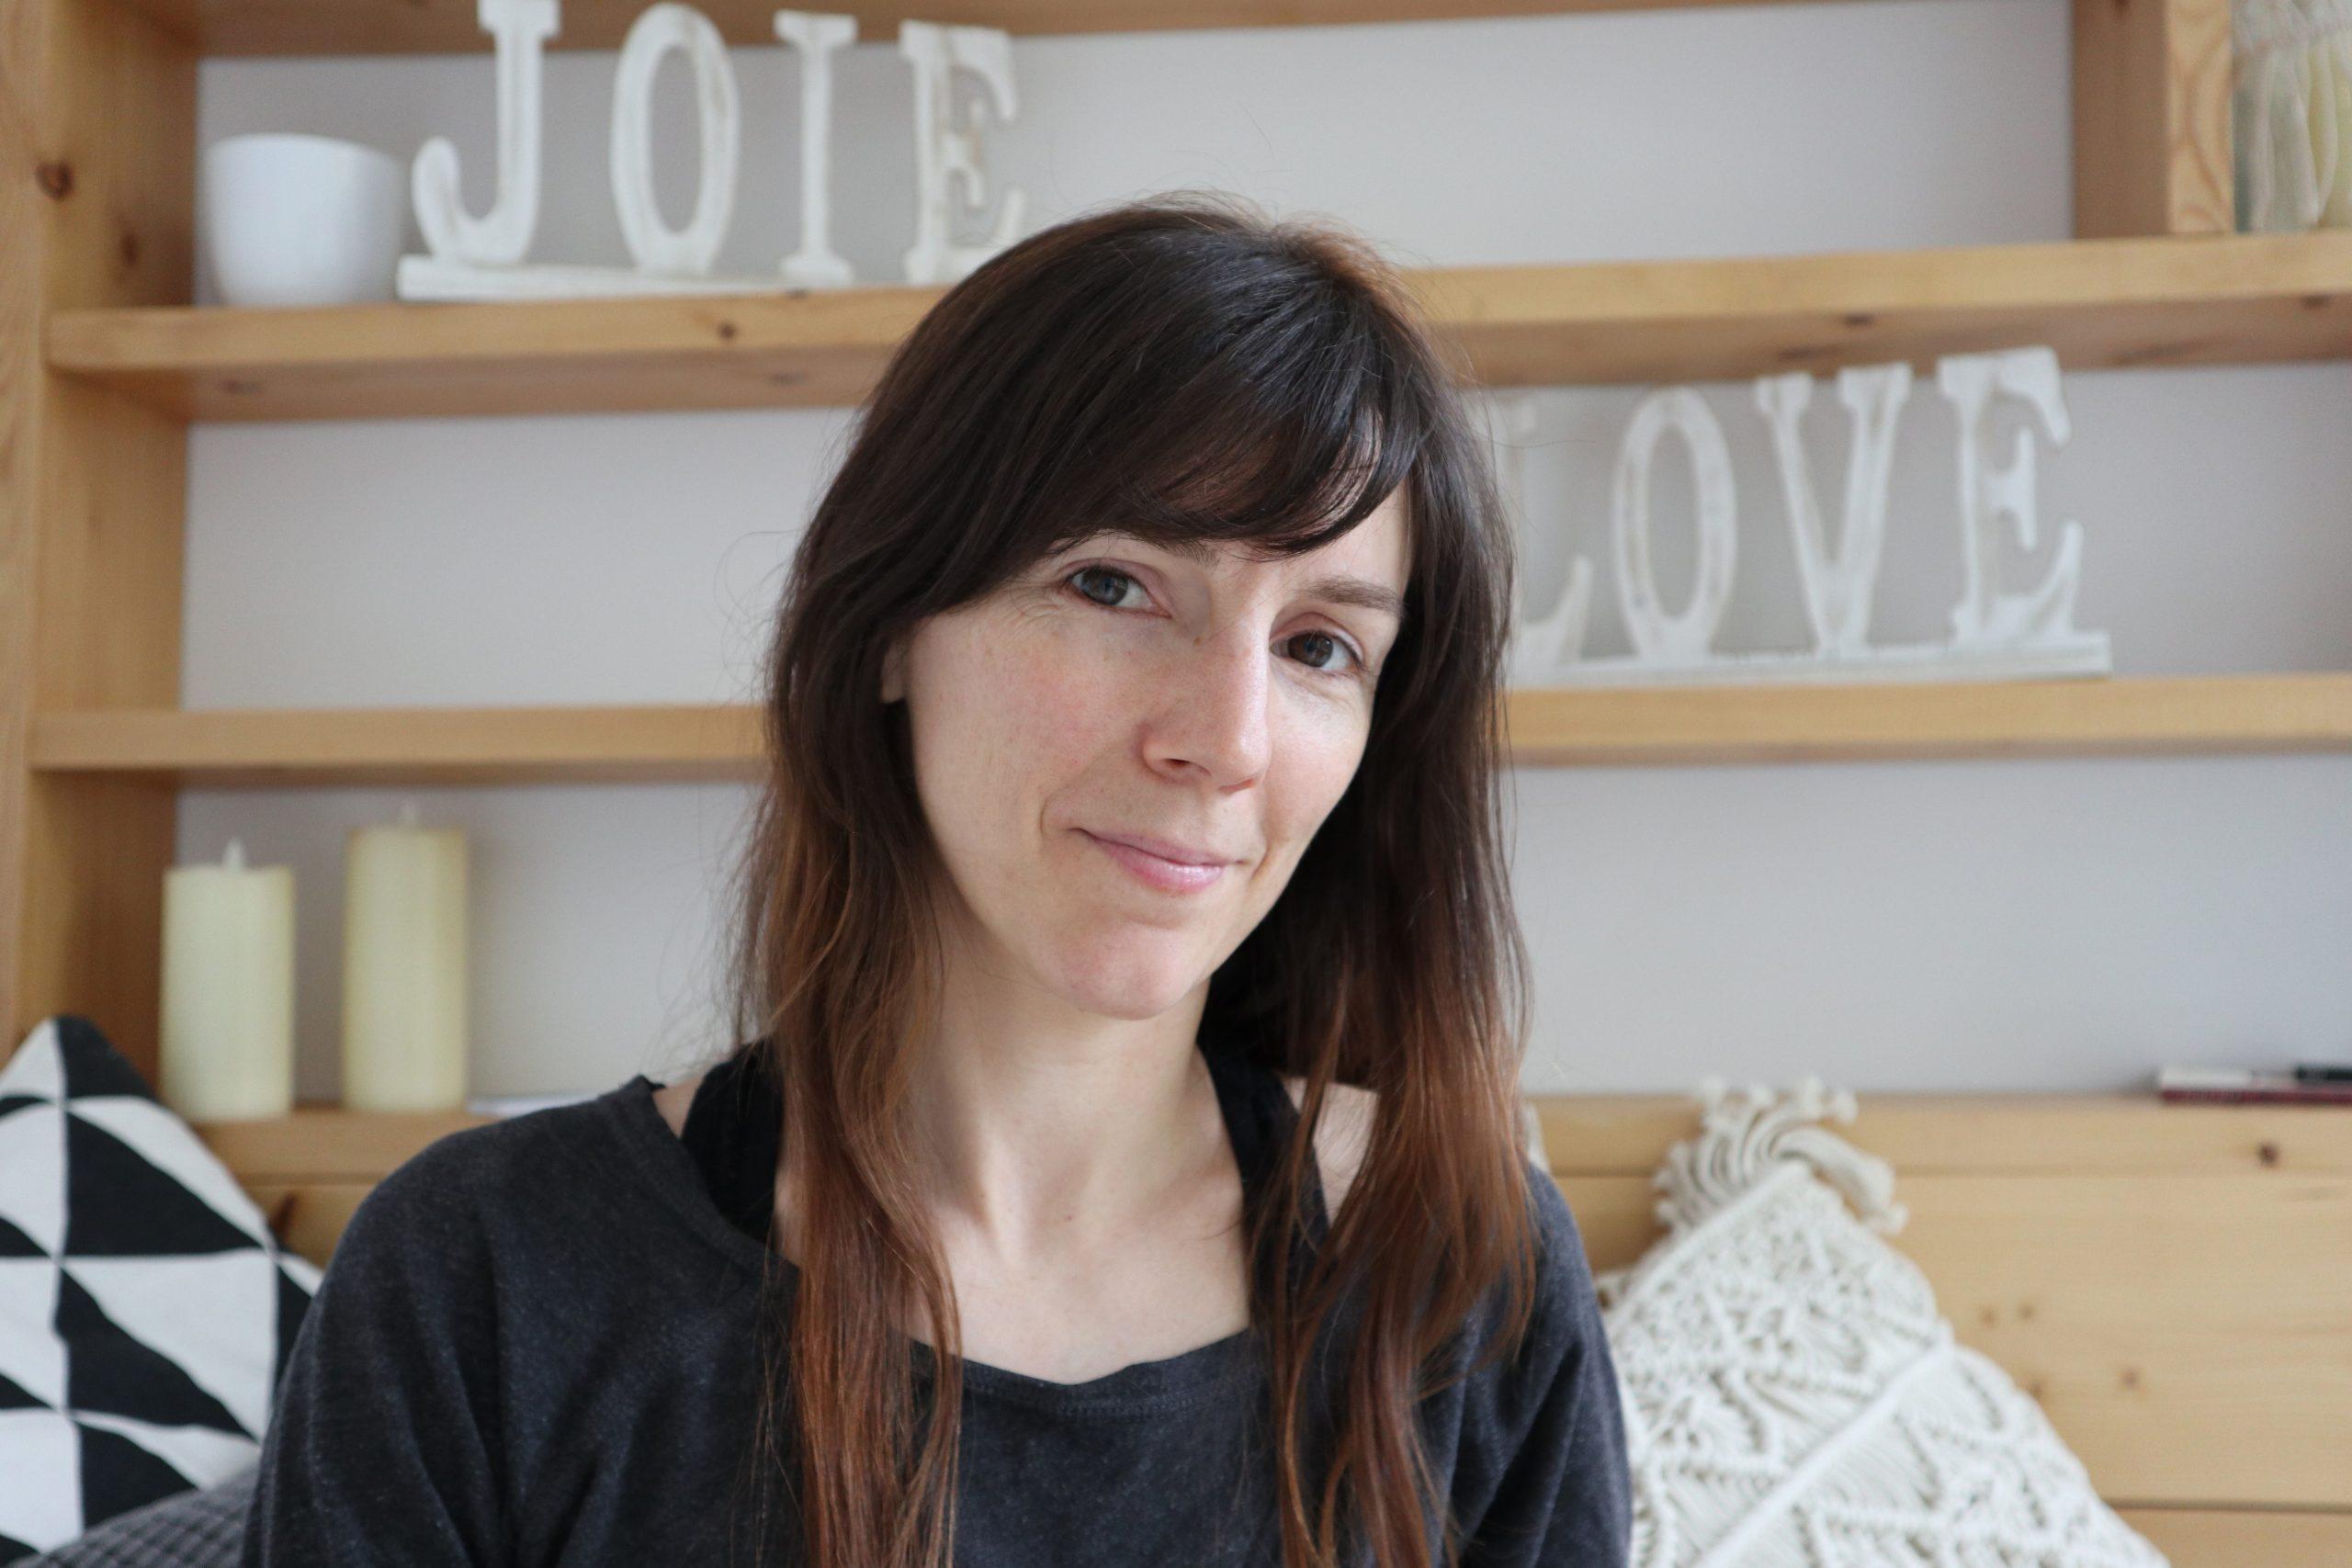 Jasmine Marin